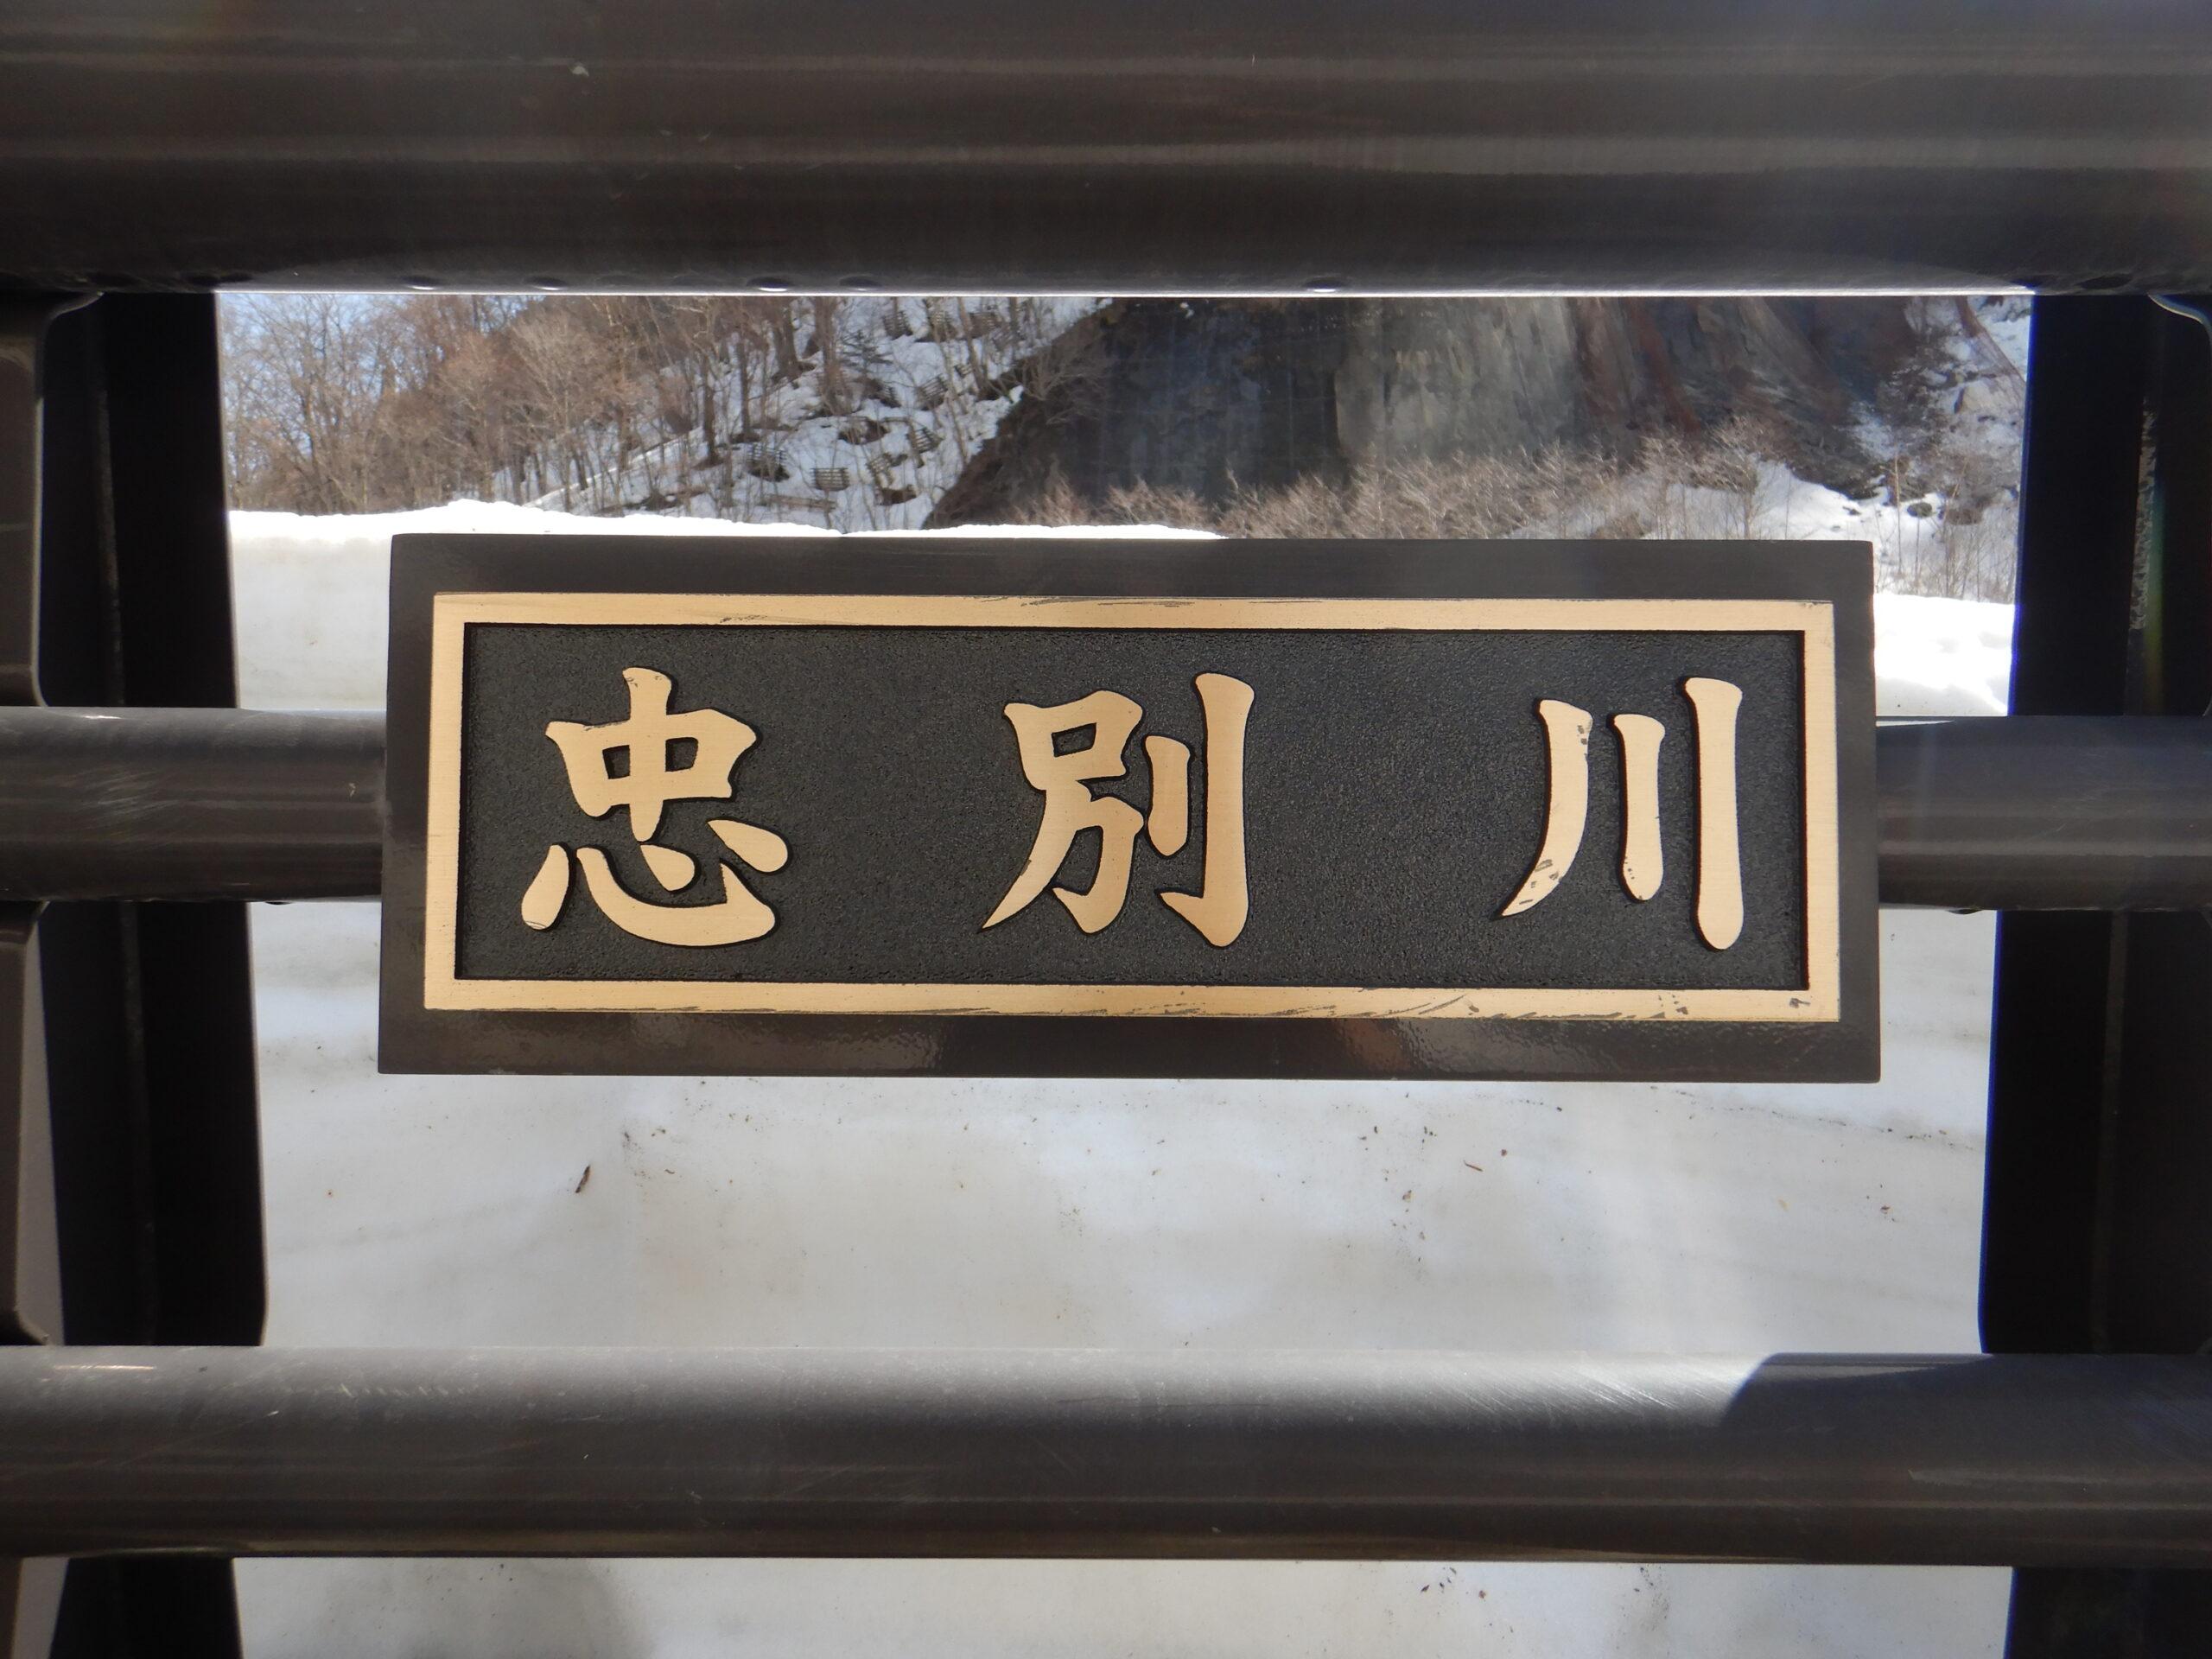 忠別川の河川ライブカメラ一覧